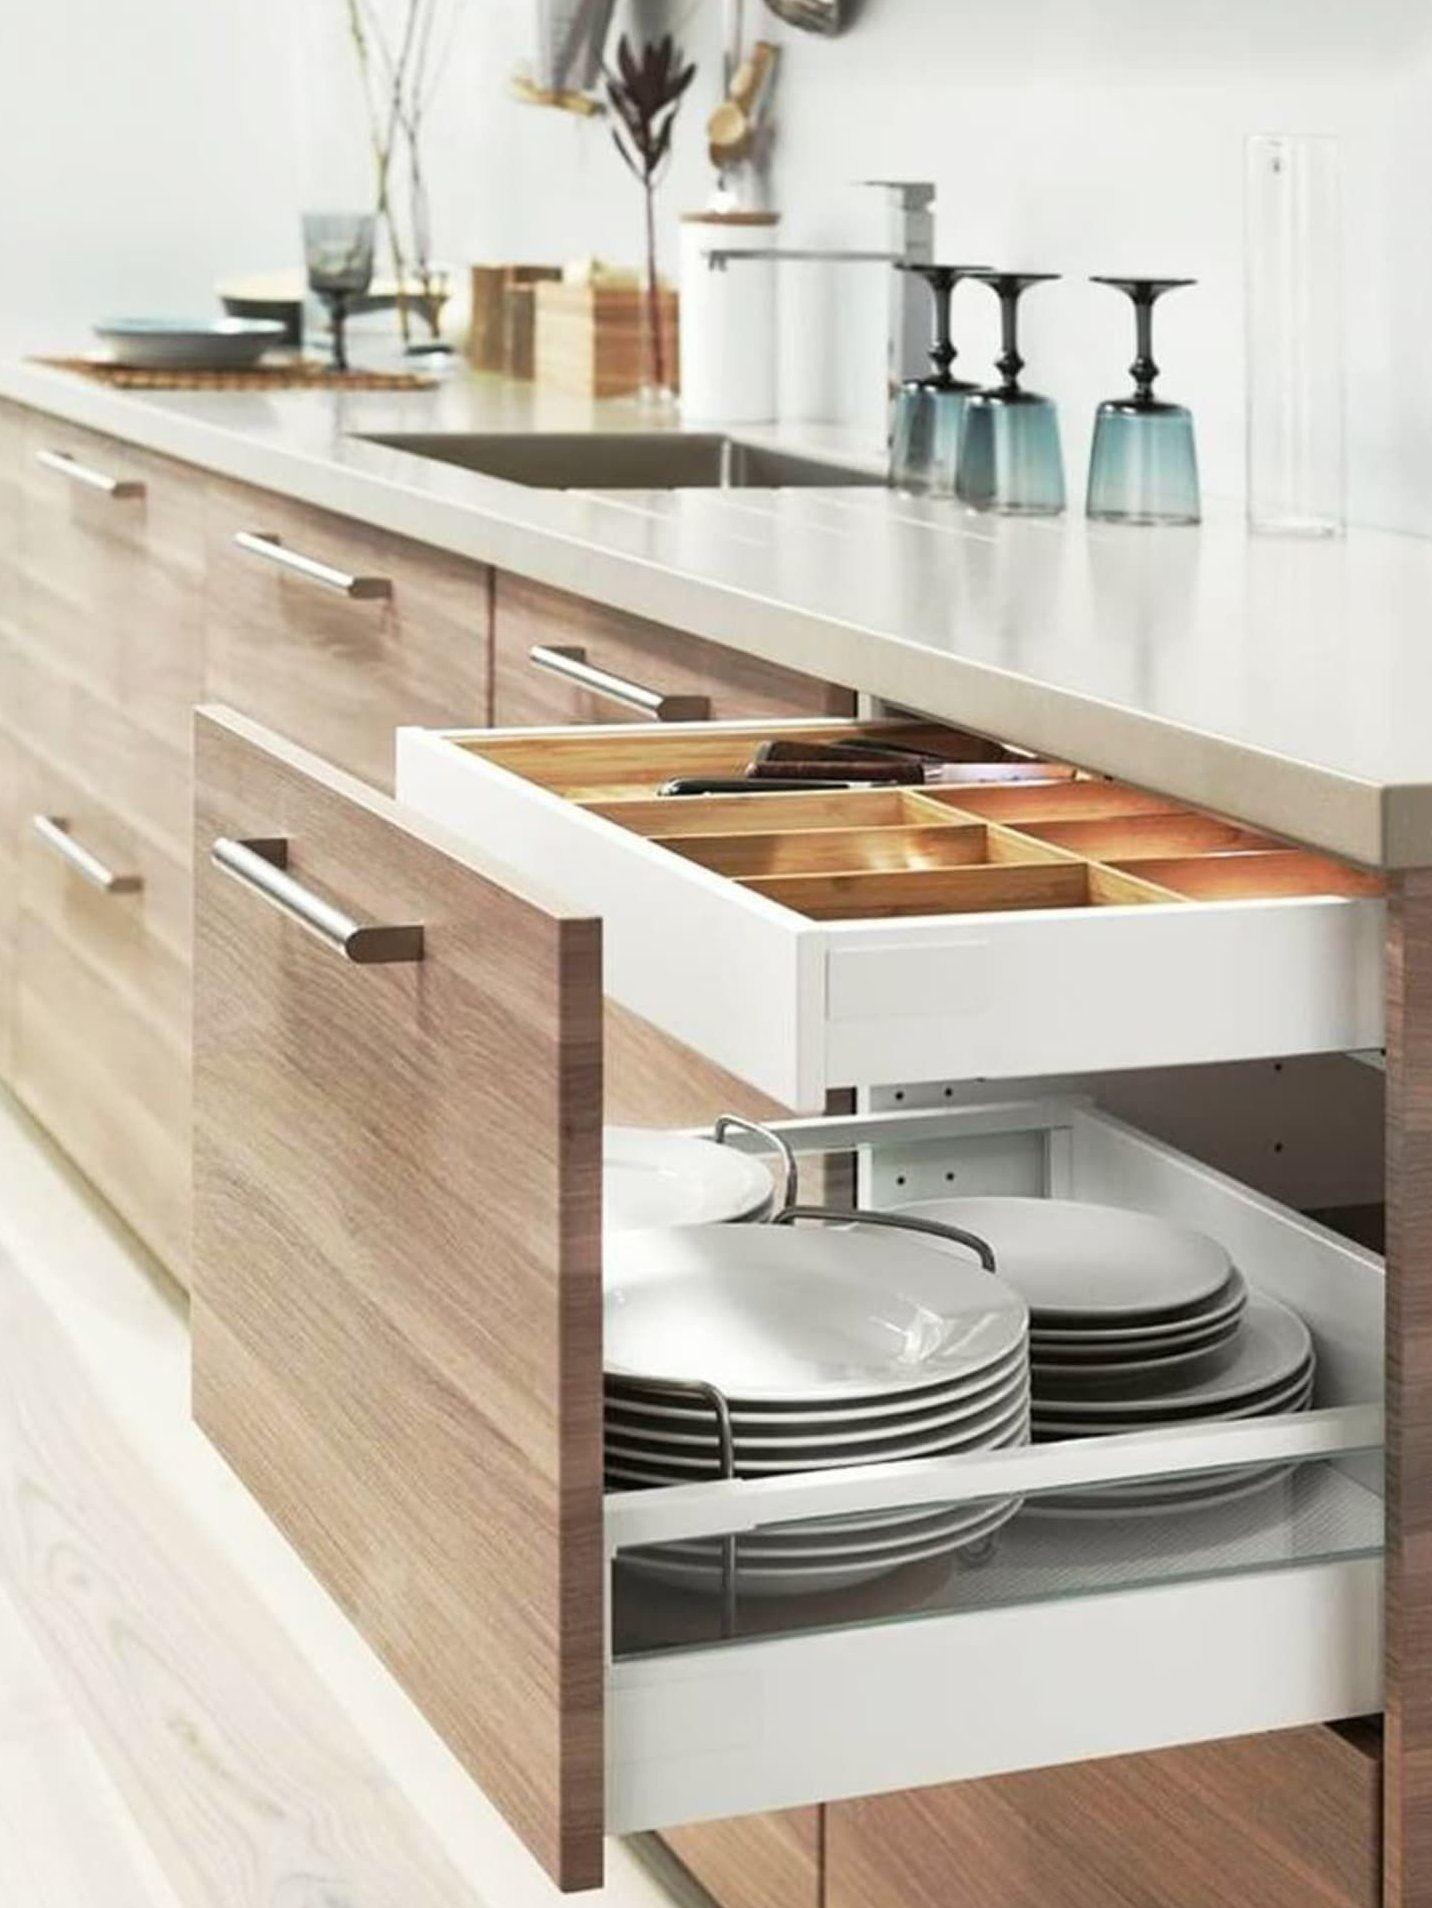 Smart Storage Totally Genius Ways To Customize Kitchen Cabinets Smartkitchen In 2020 Ikea Kitchen Design Kitchen Cabinet Design Kitchen Design